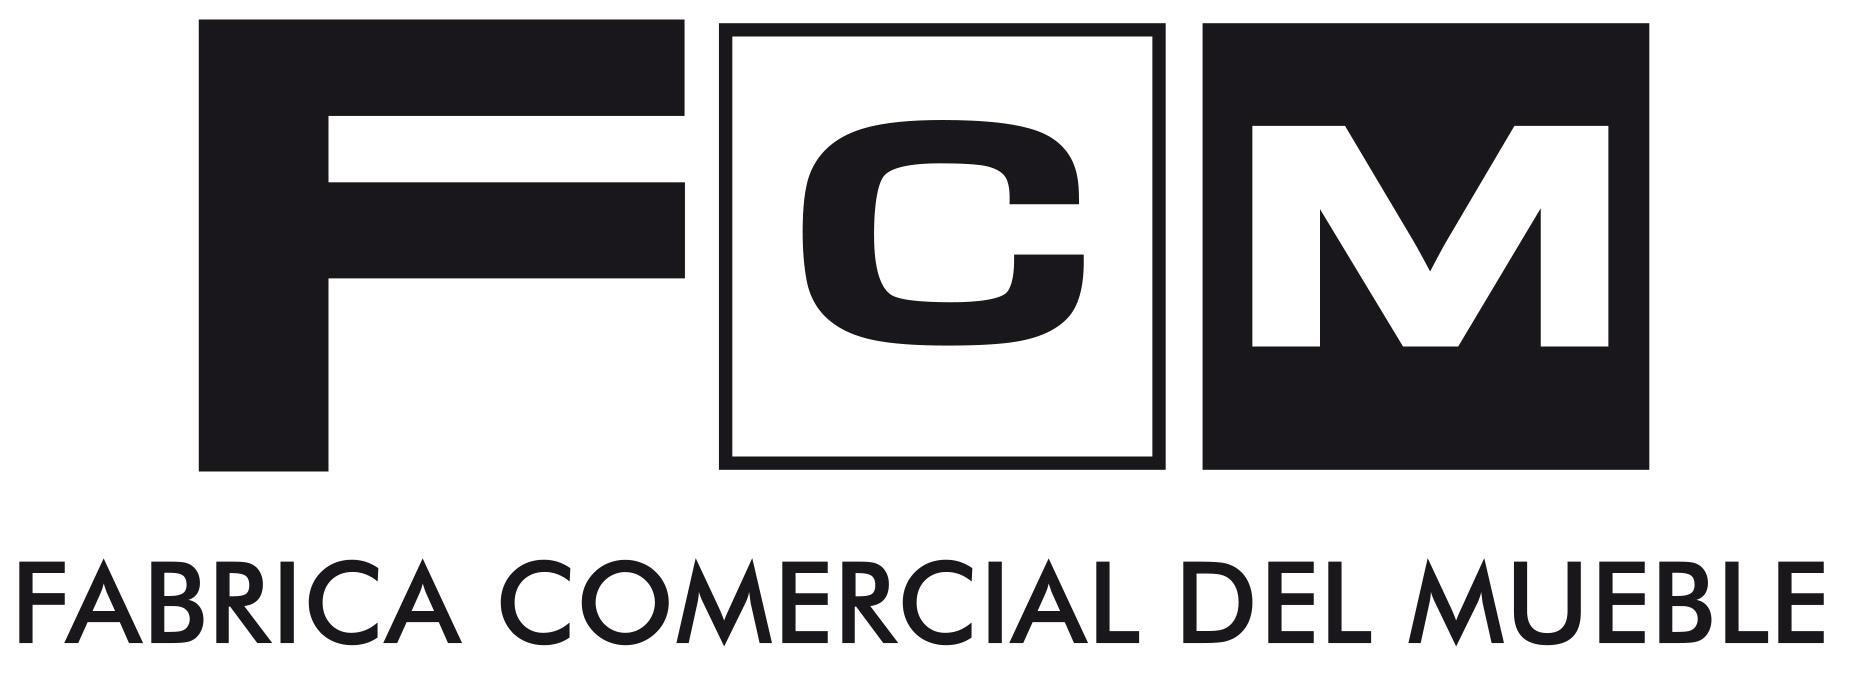 Fcm Mobiliario